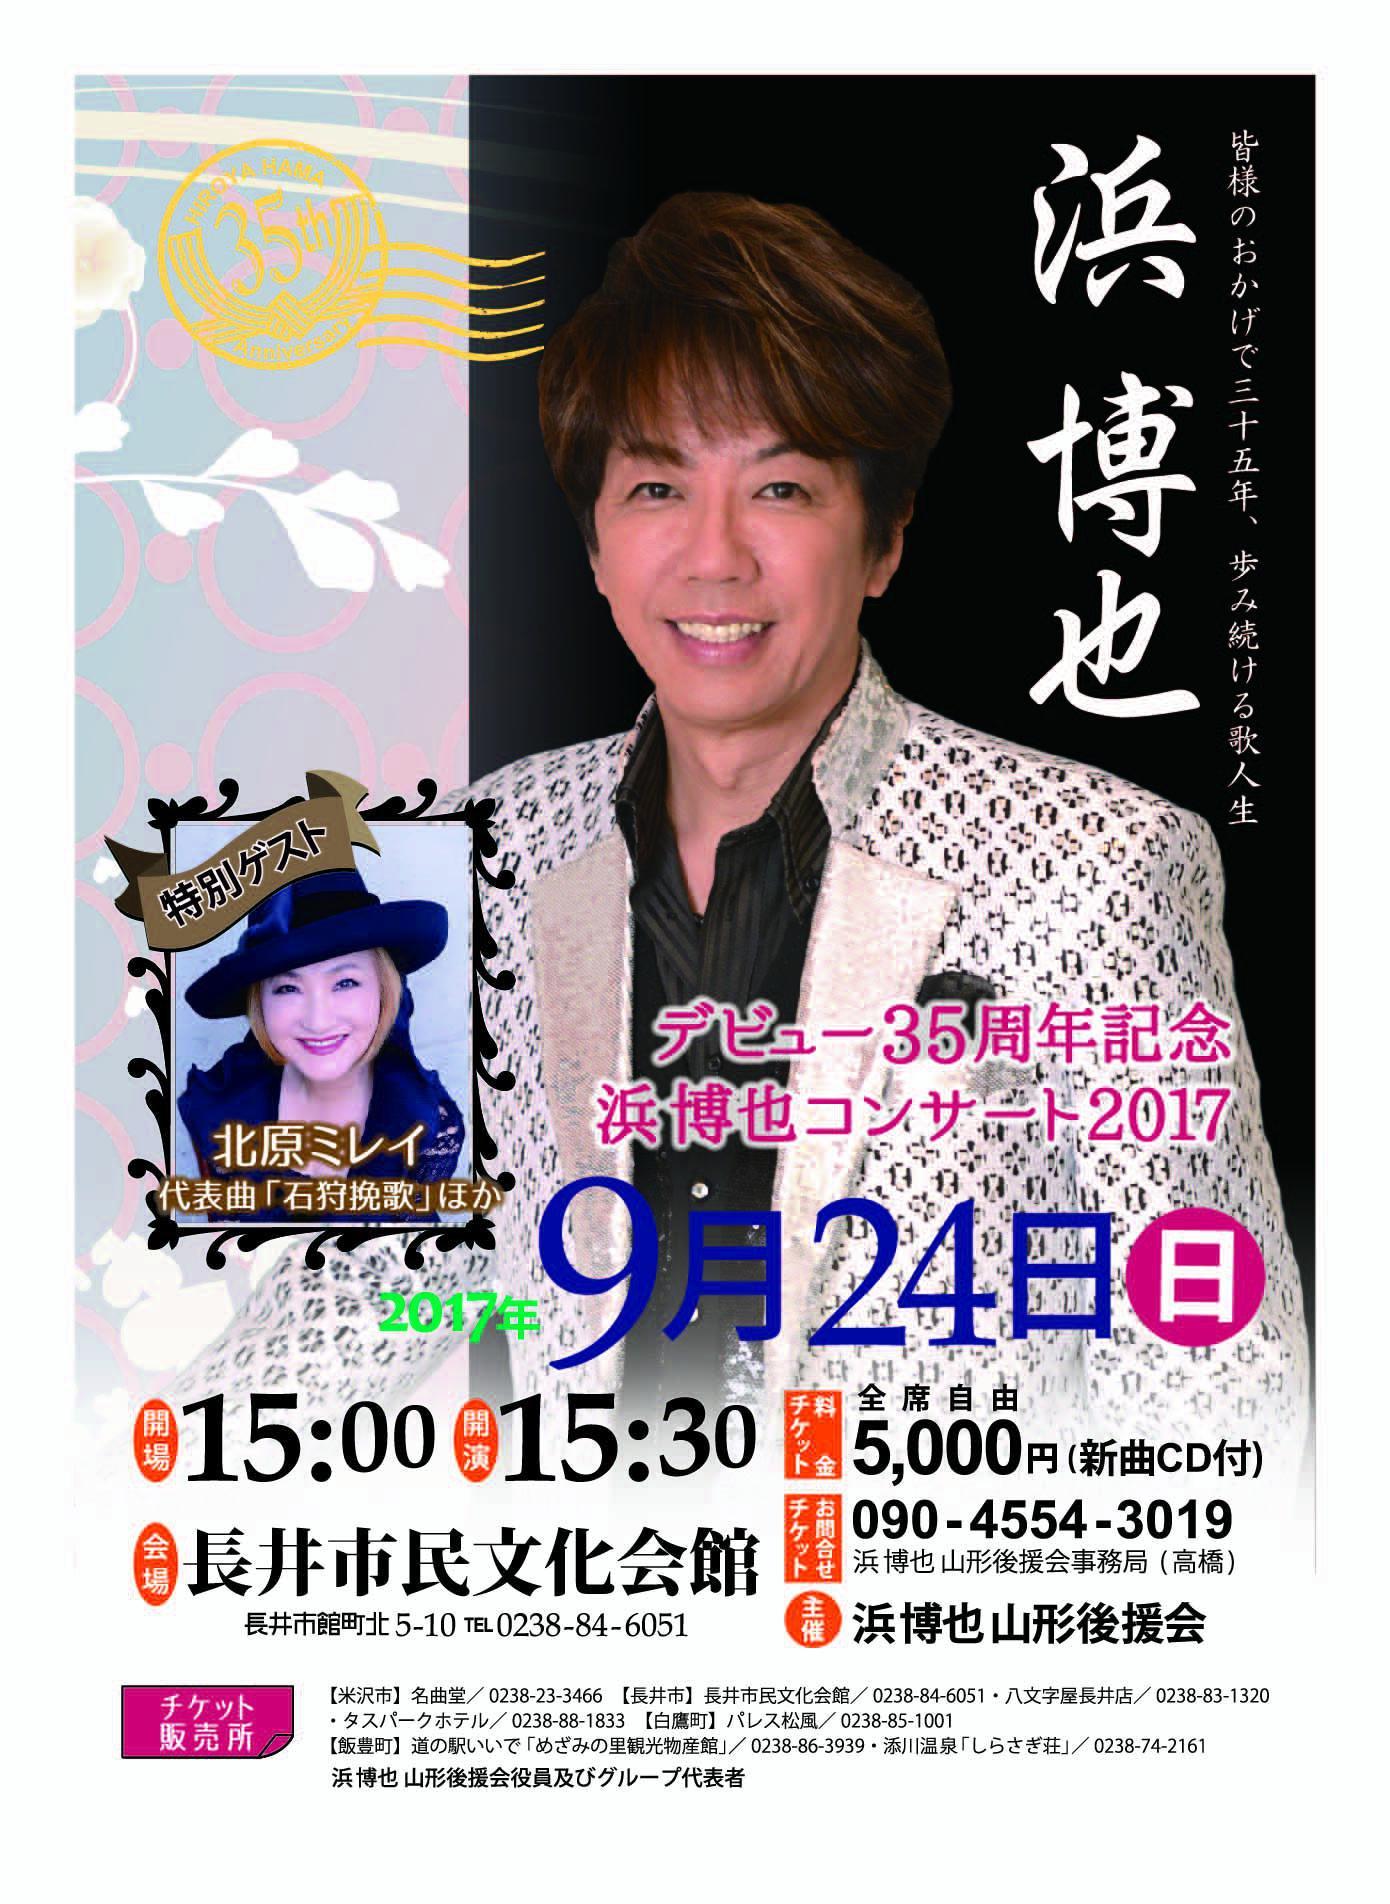 浜博也コンサート2017:画像